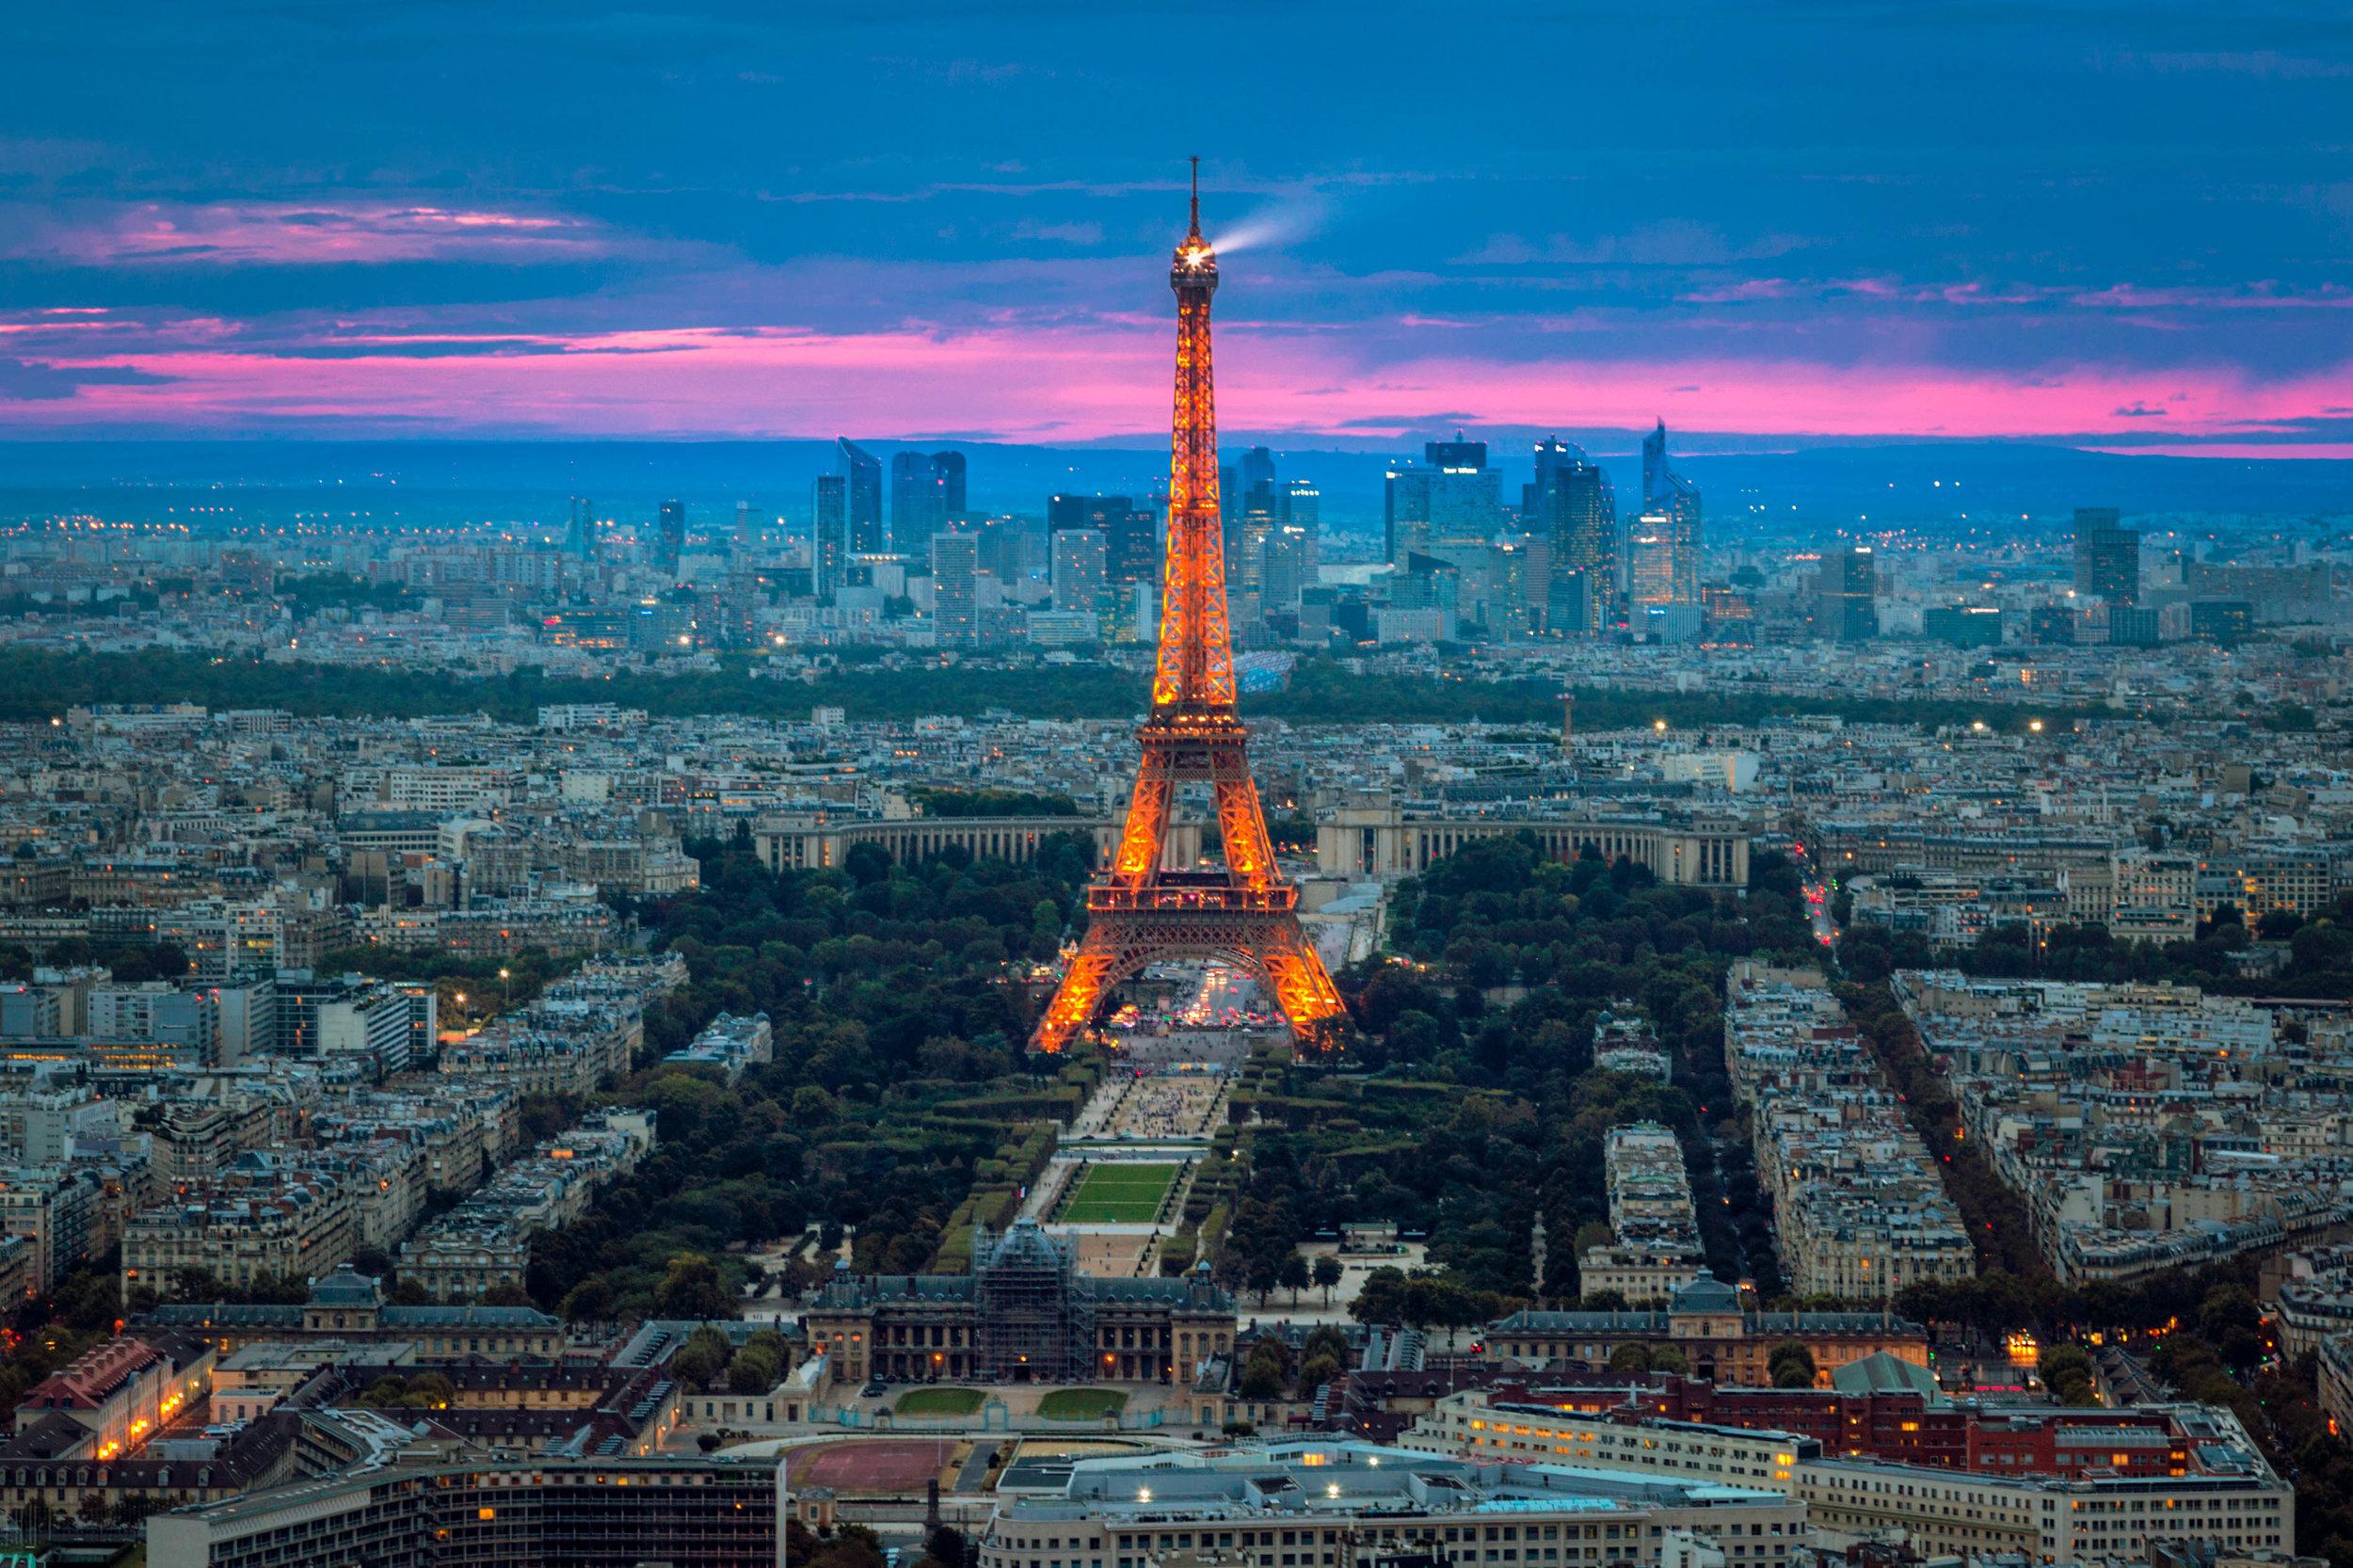 Taken from   Observatoire Panoramique de la Tour Montparnasse - Eric Bravo Photography